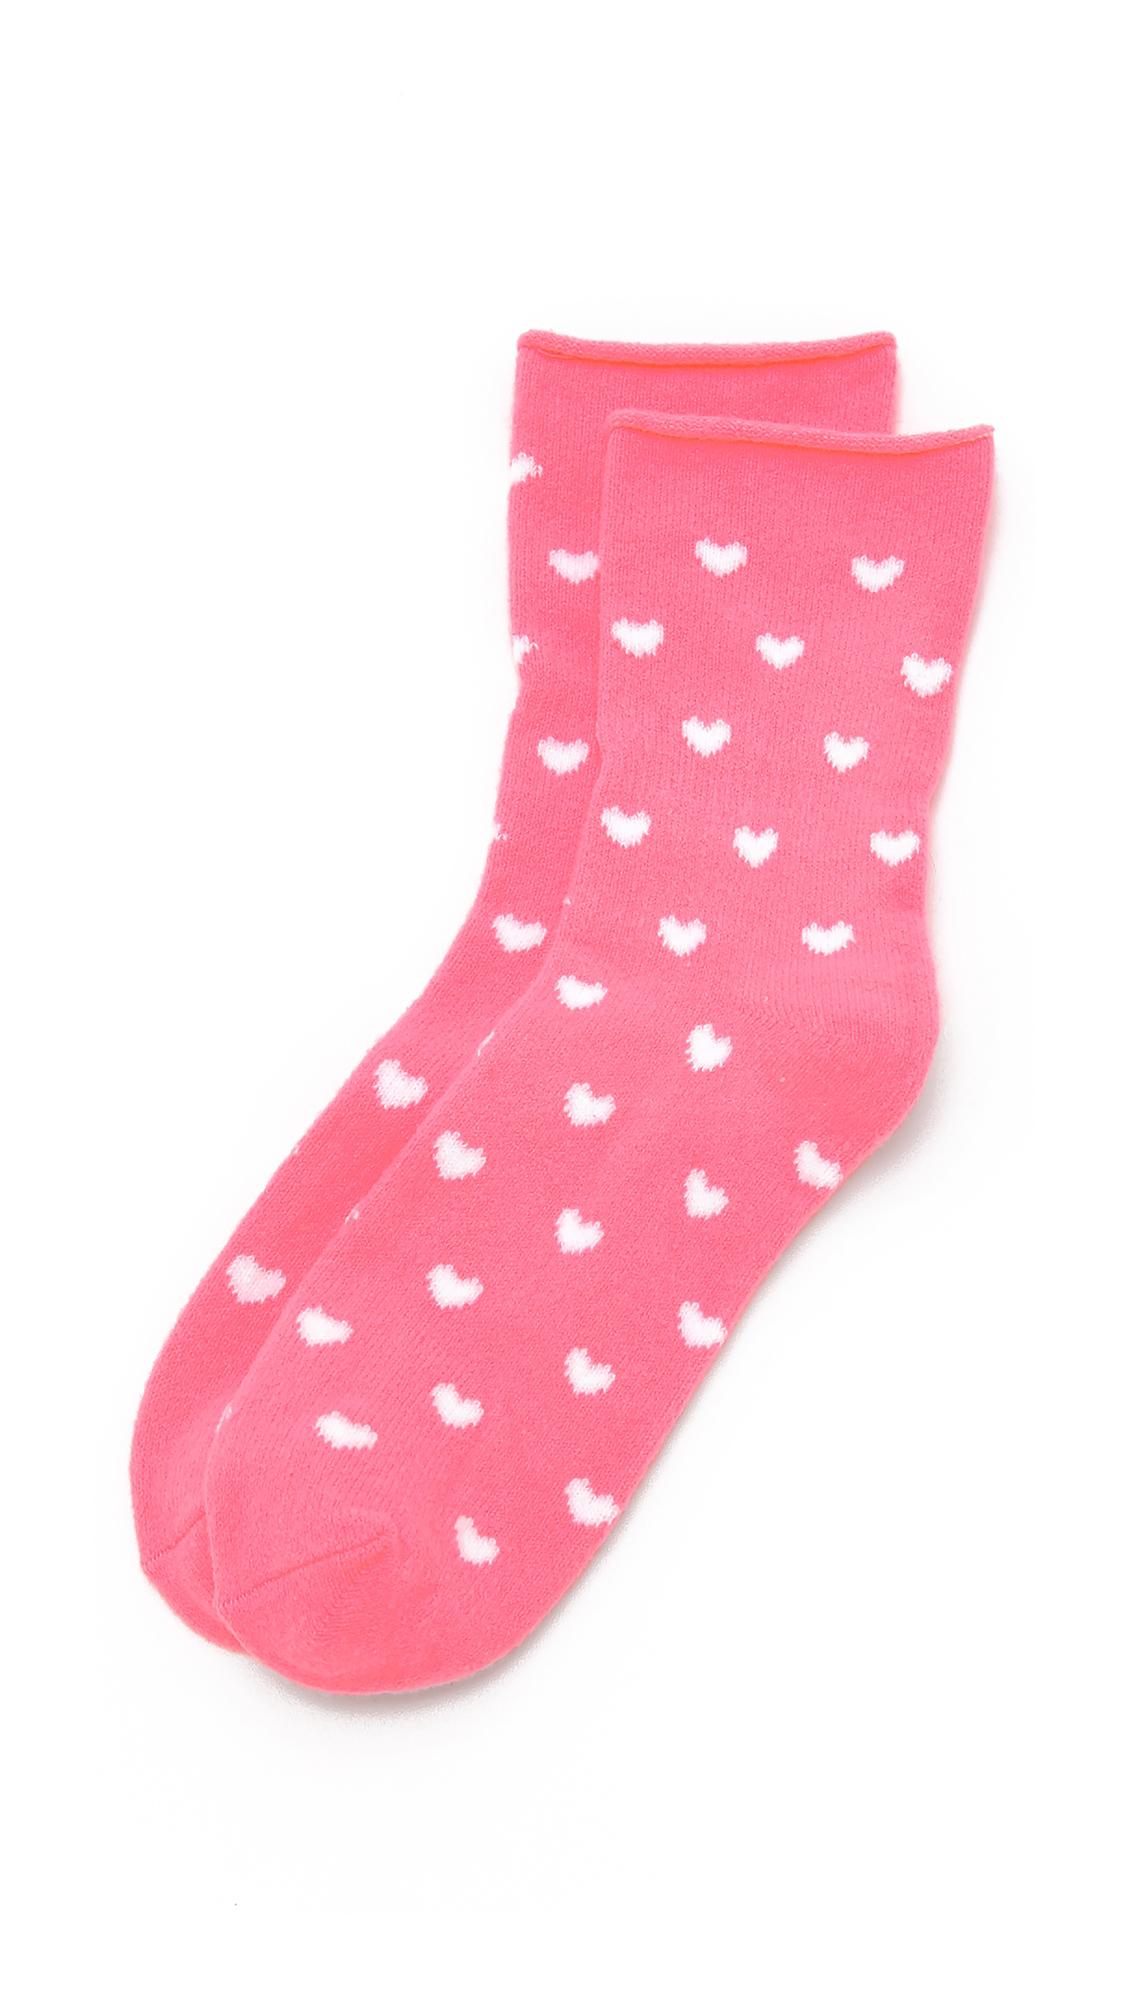 PLUSH Heart Rolled Fleece Socks in Neon Pink